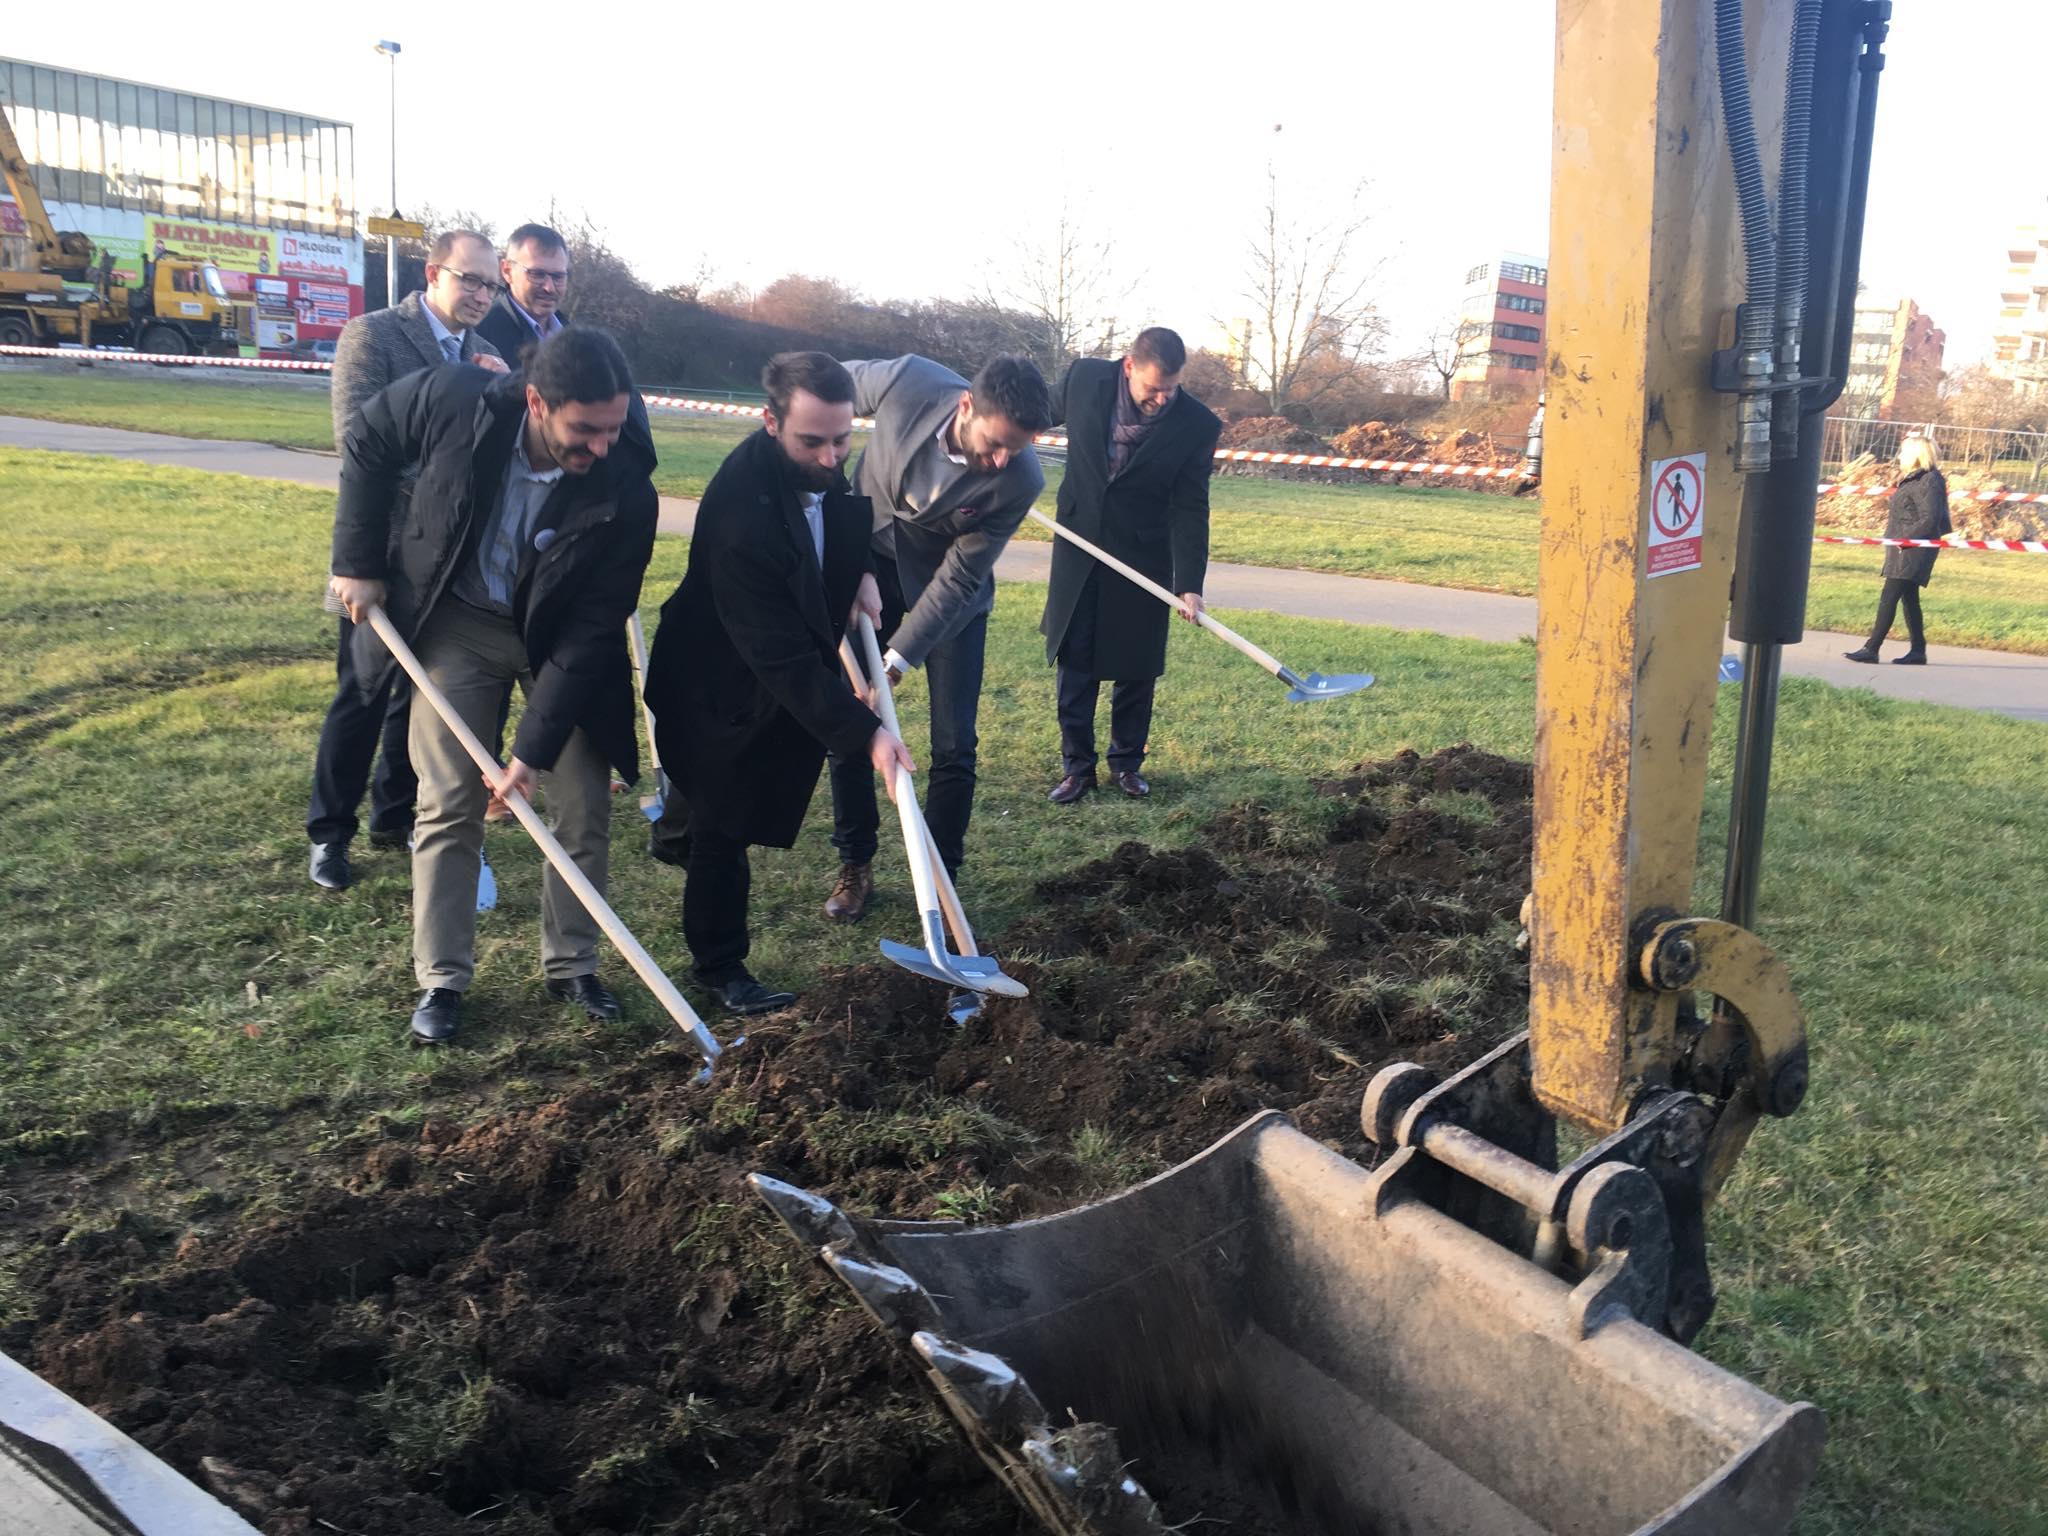 Po 12 letech plánování začala rekonstrukce metra Opatov